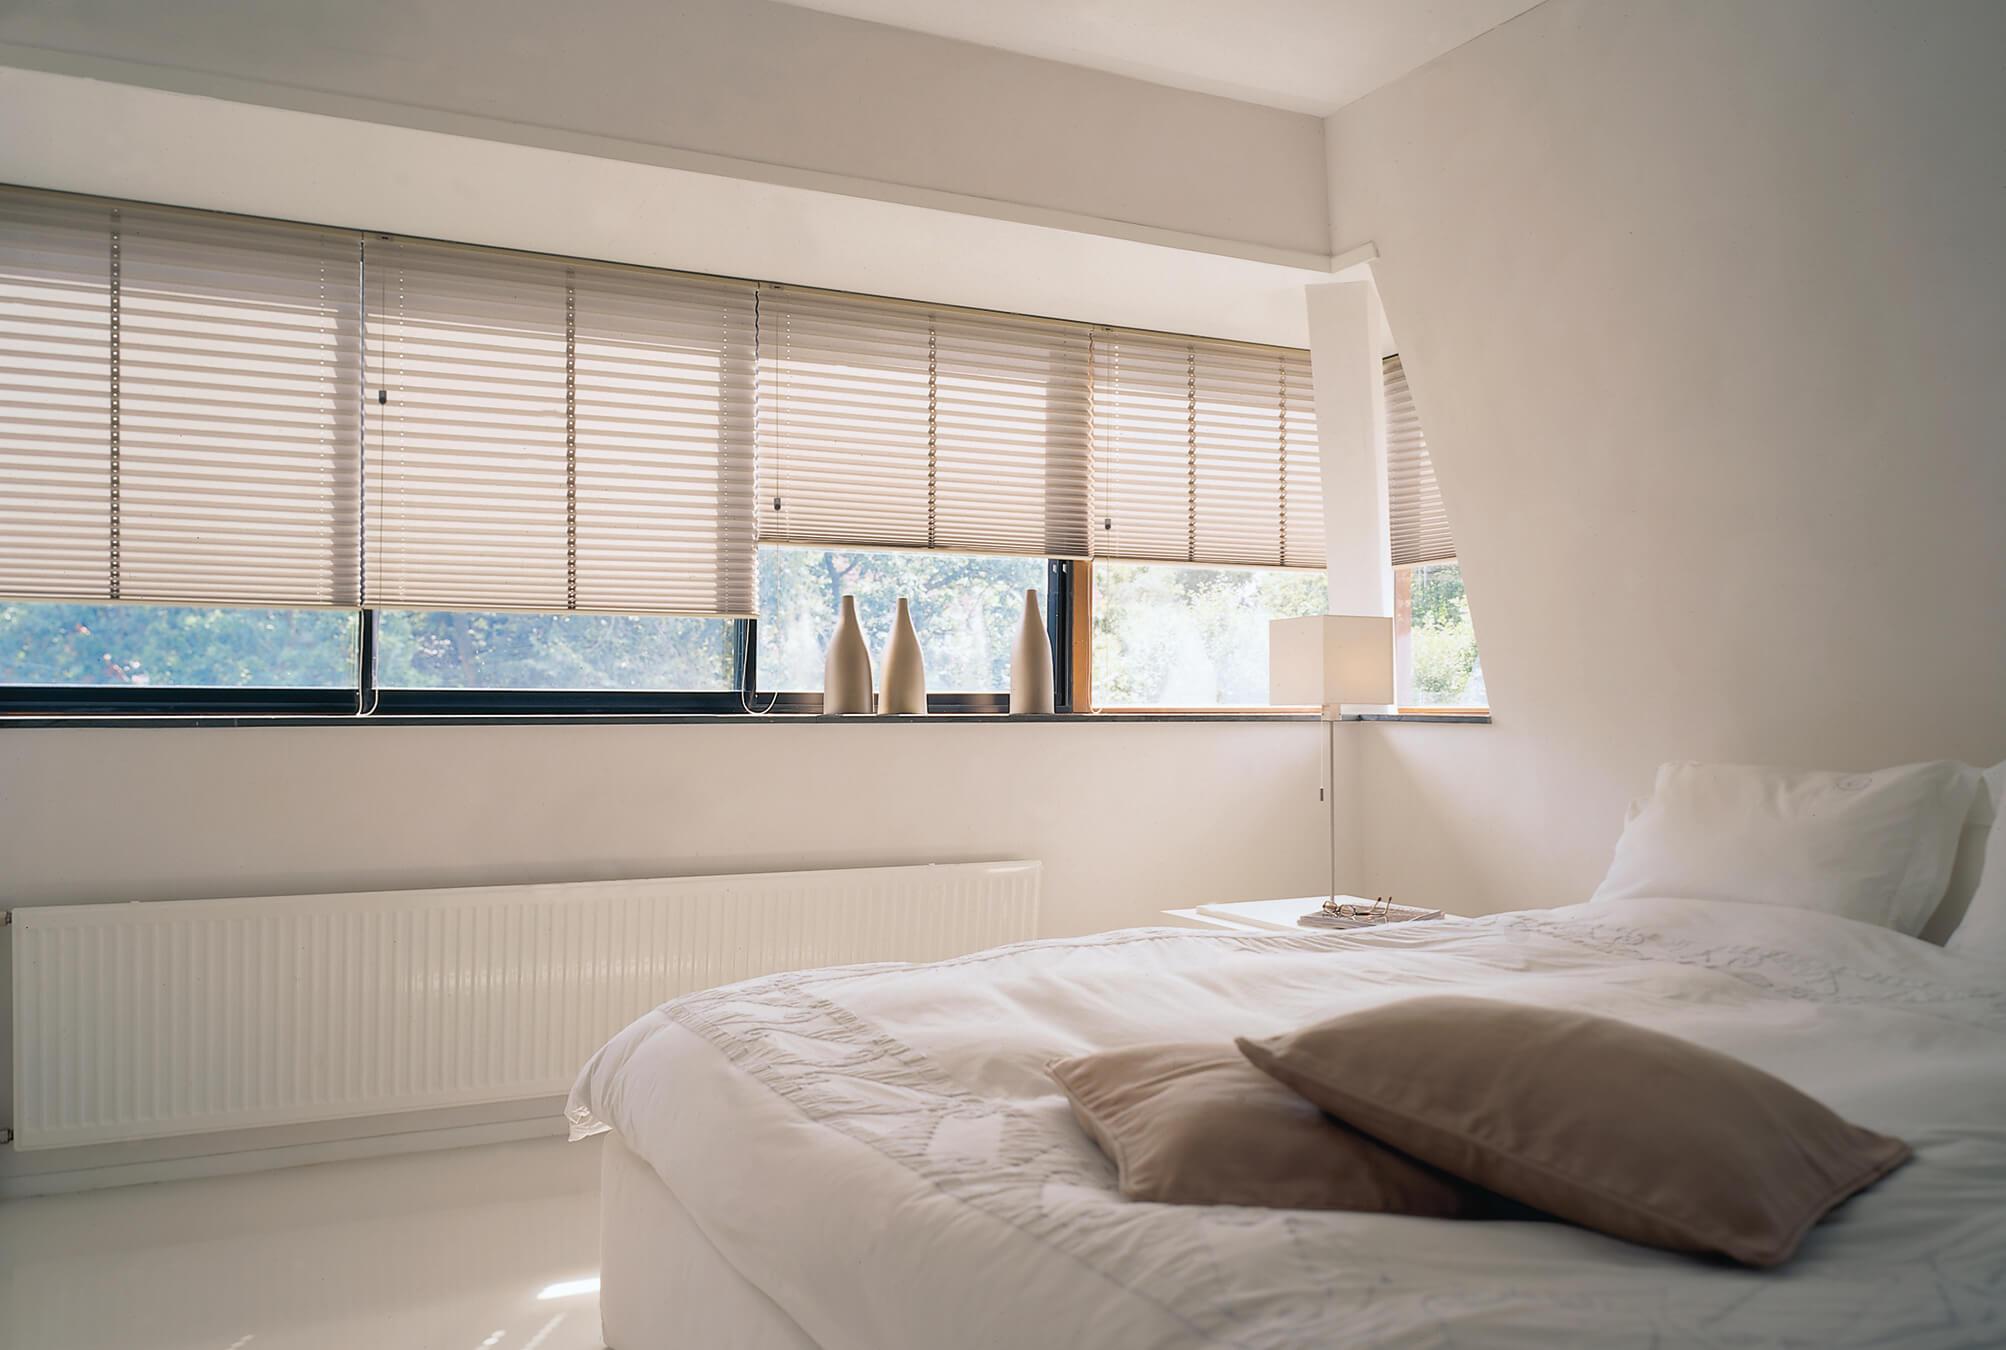 cortina plisada en dormitorio